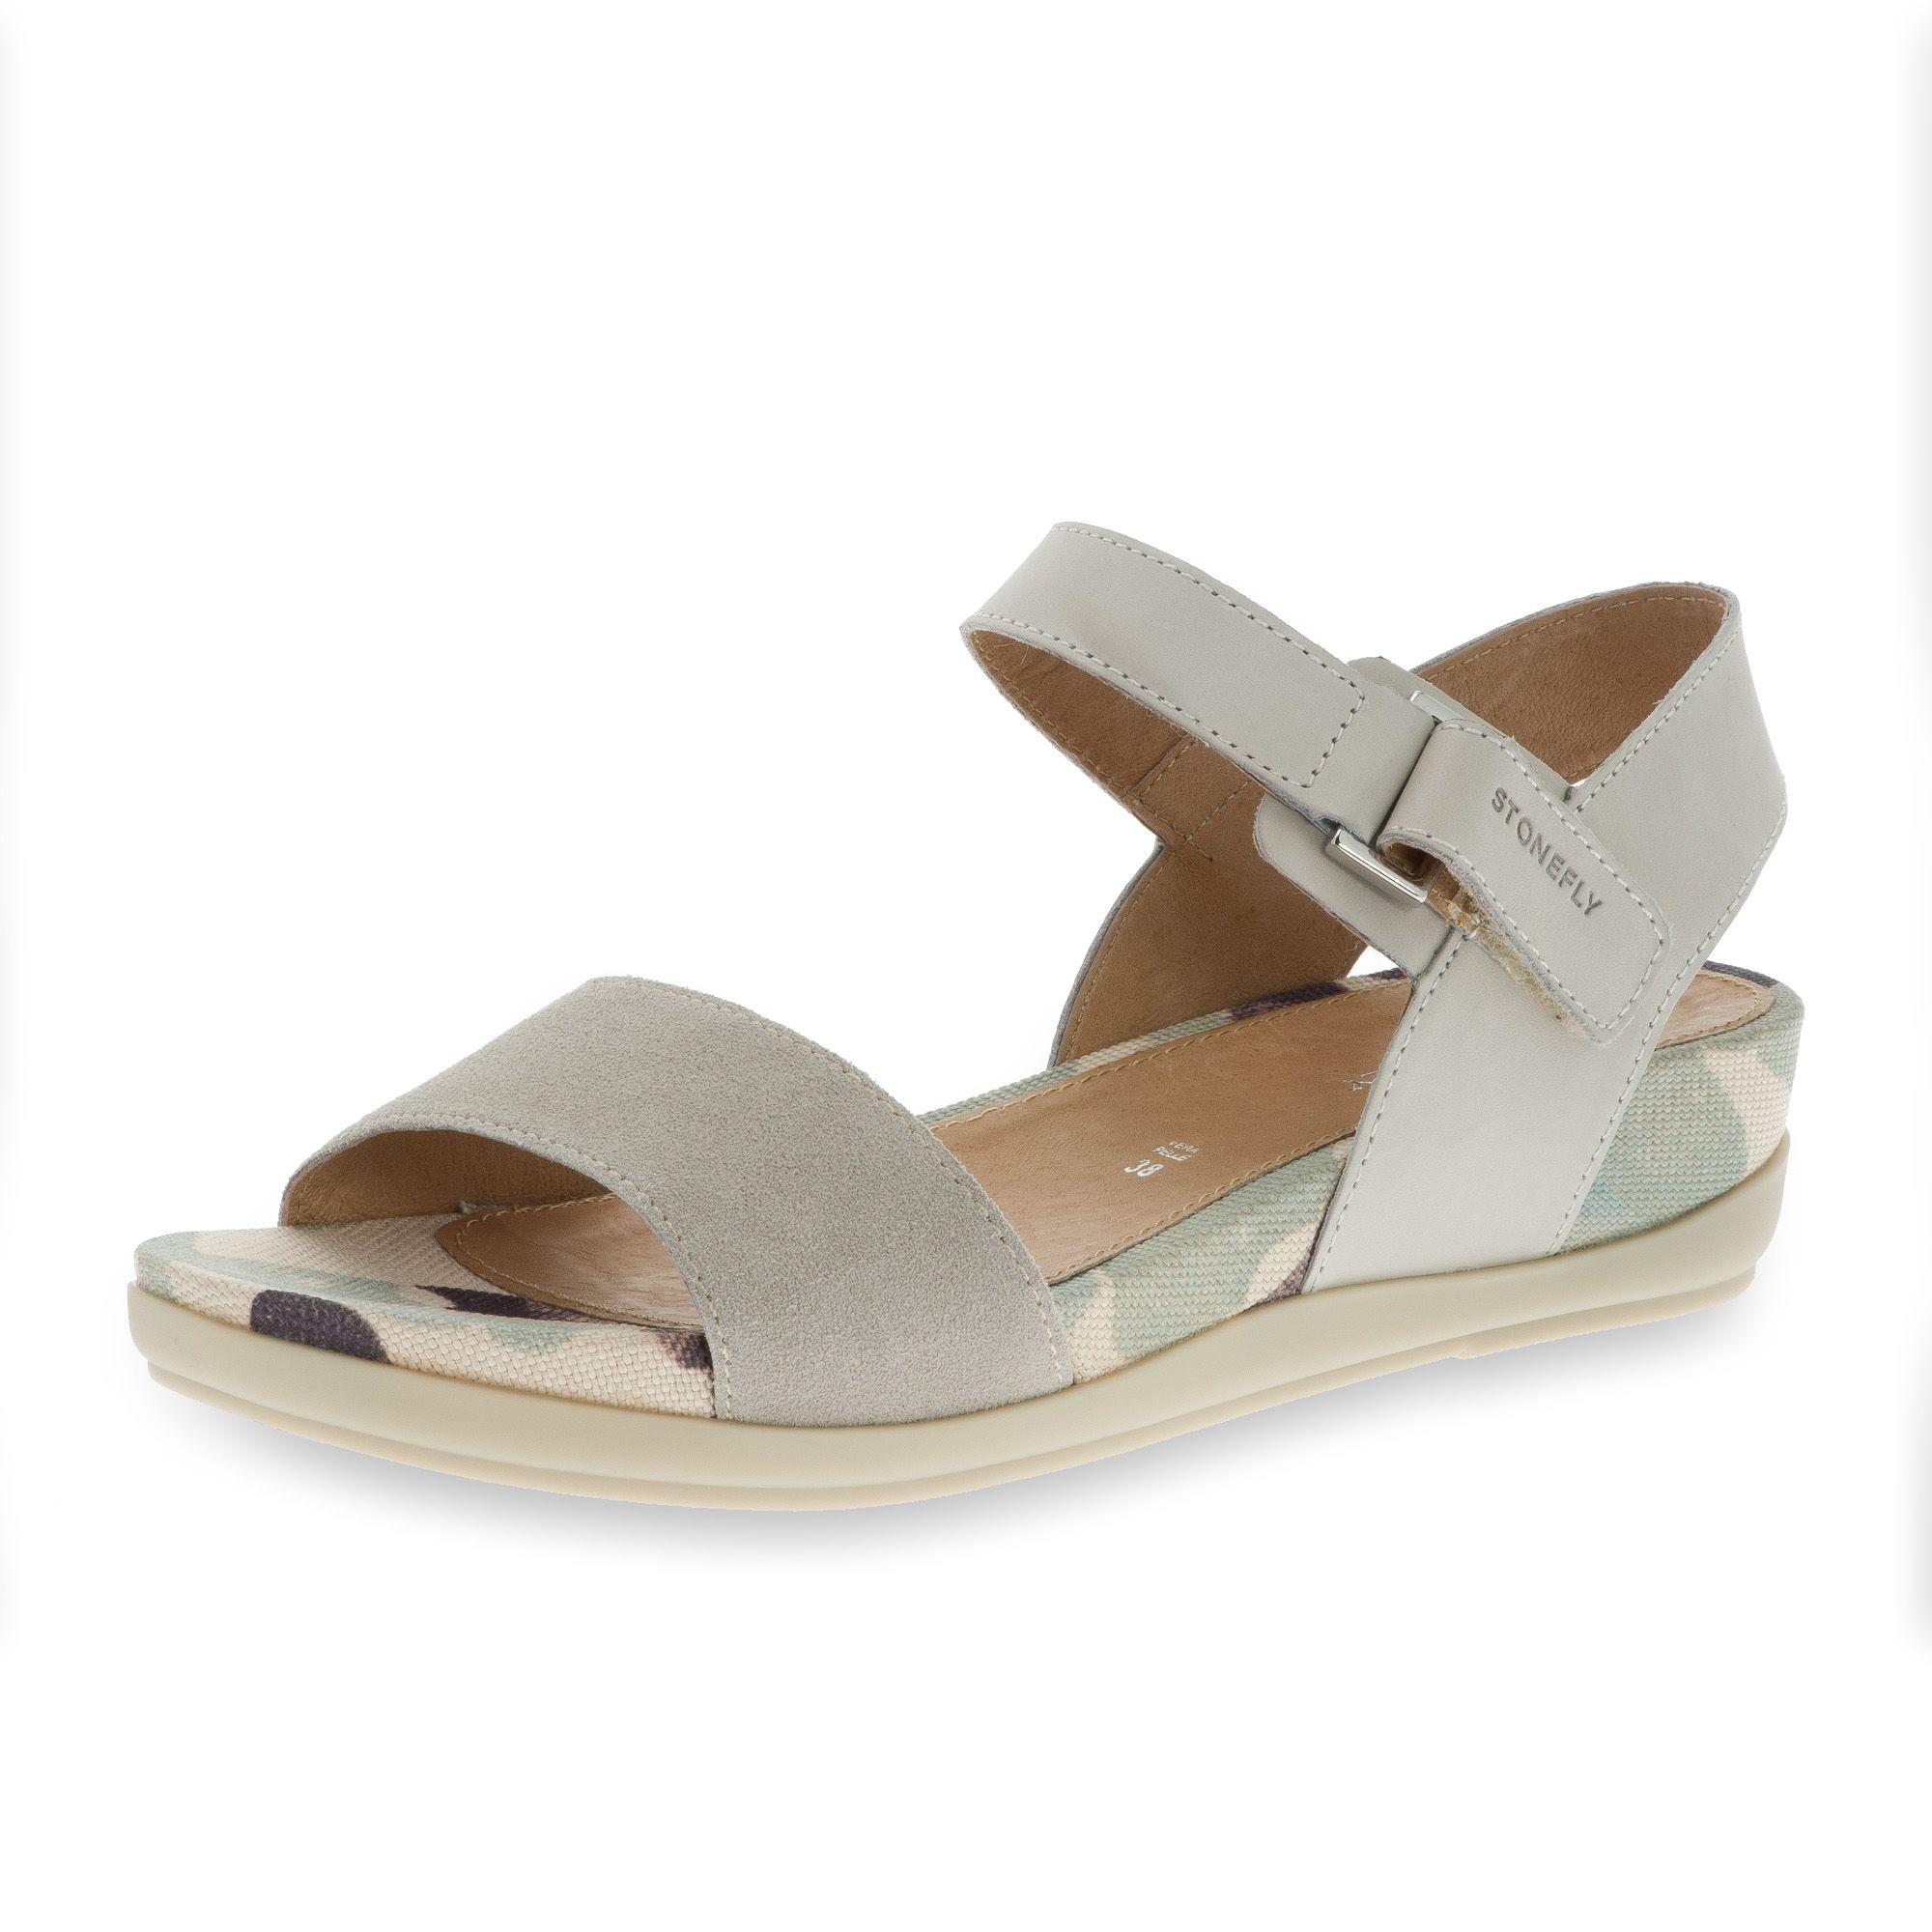 Sandalo in pelle con zeppa 4cm